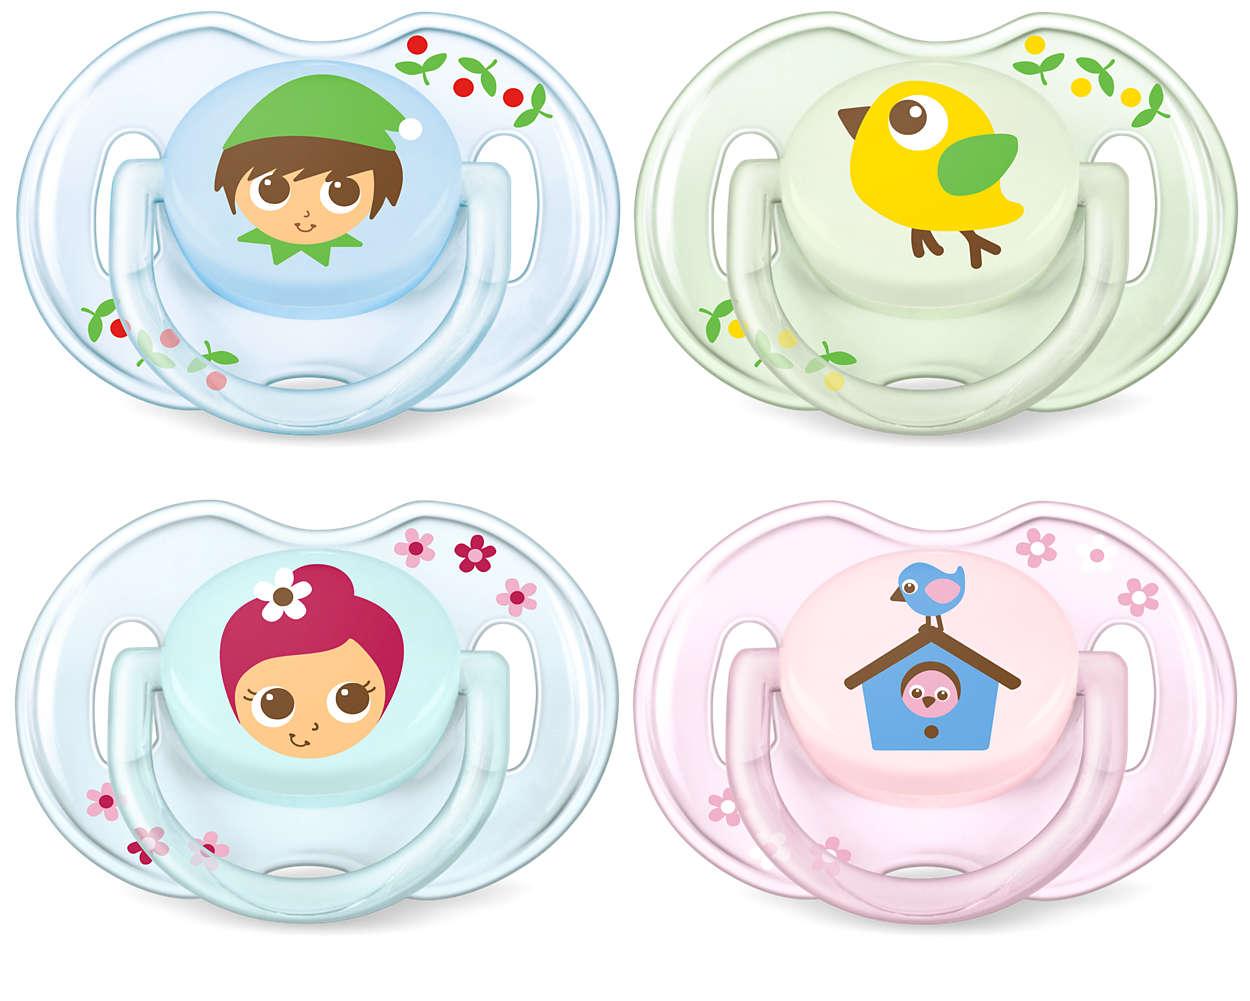 Navrhnutý pre každodenné pohodlie vášho bábätka